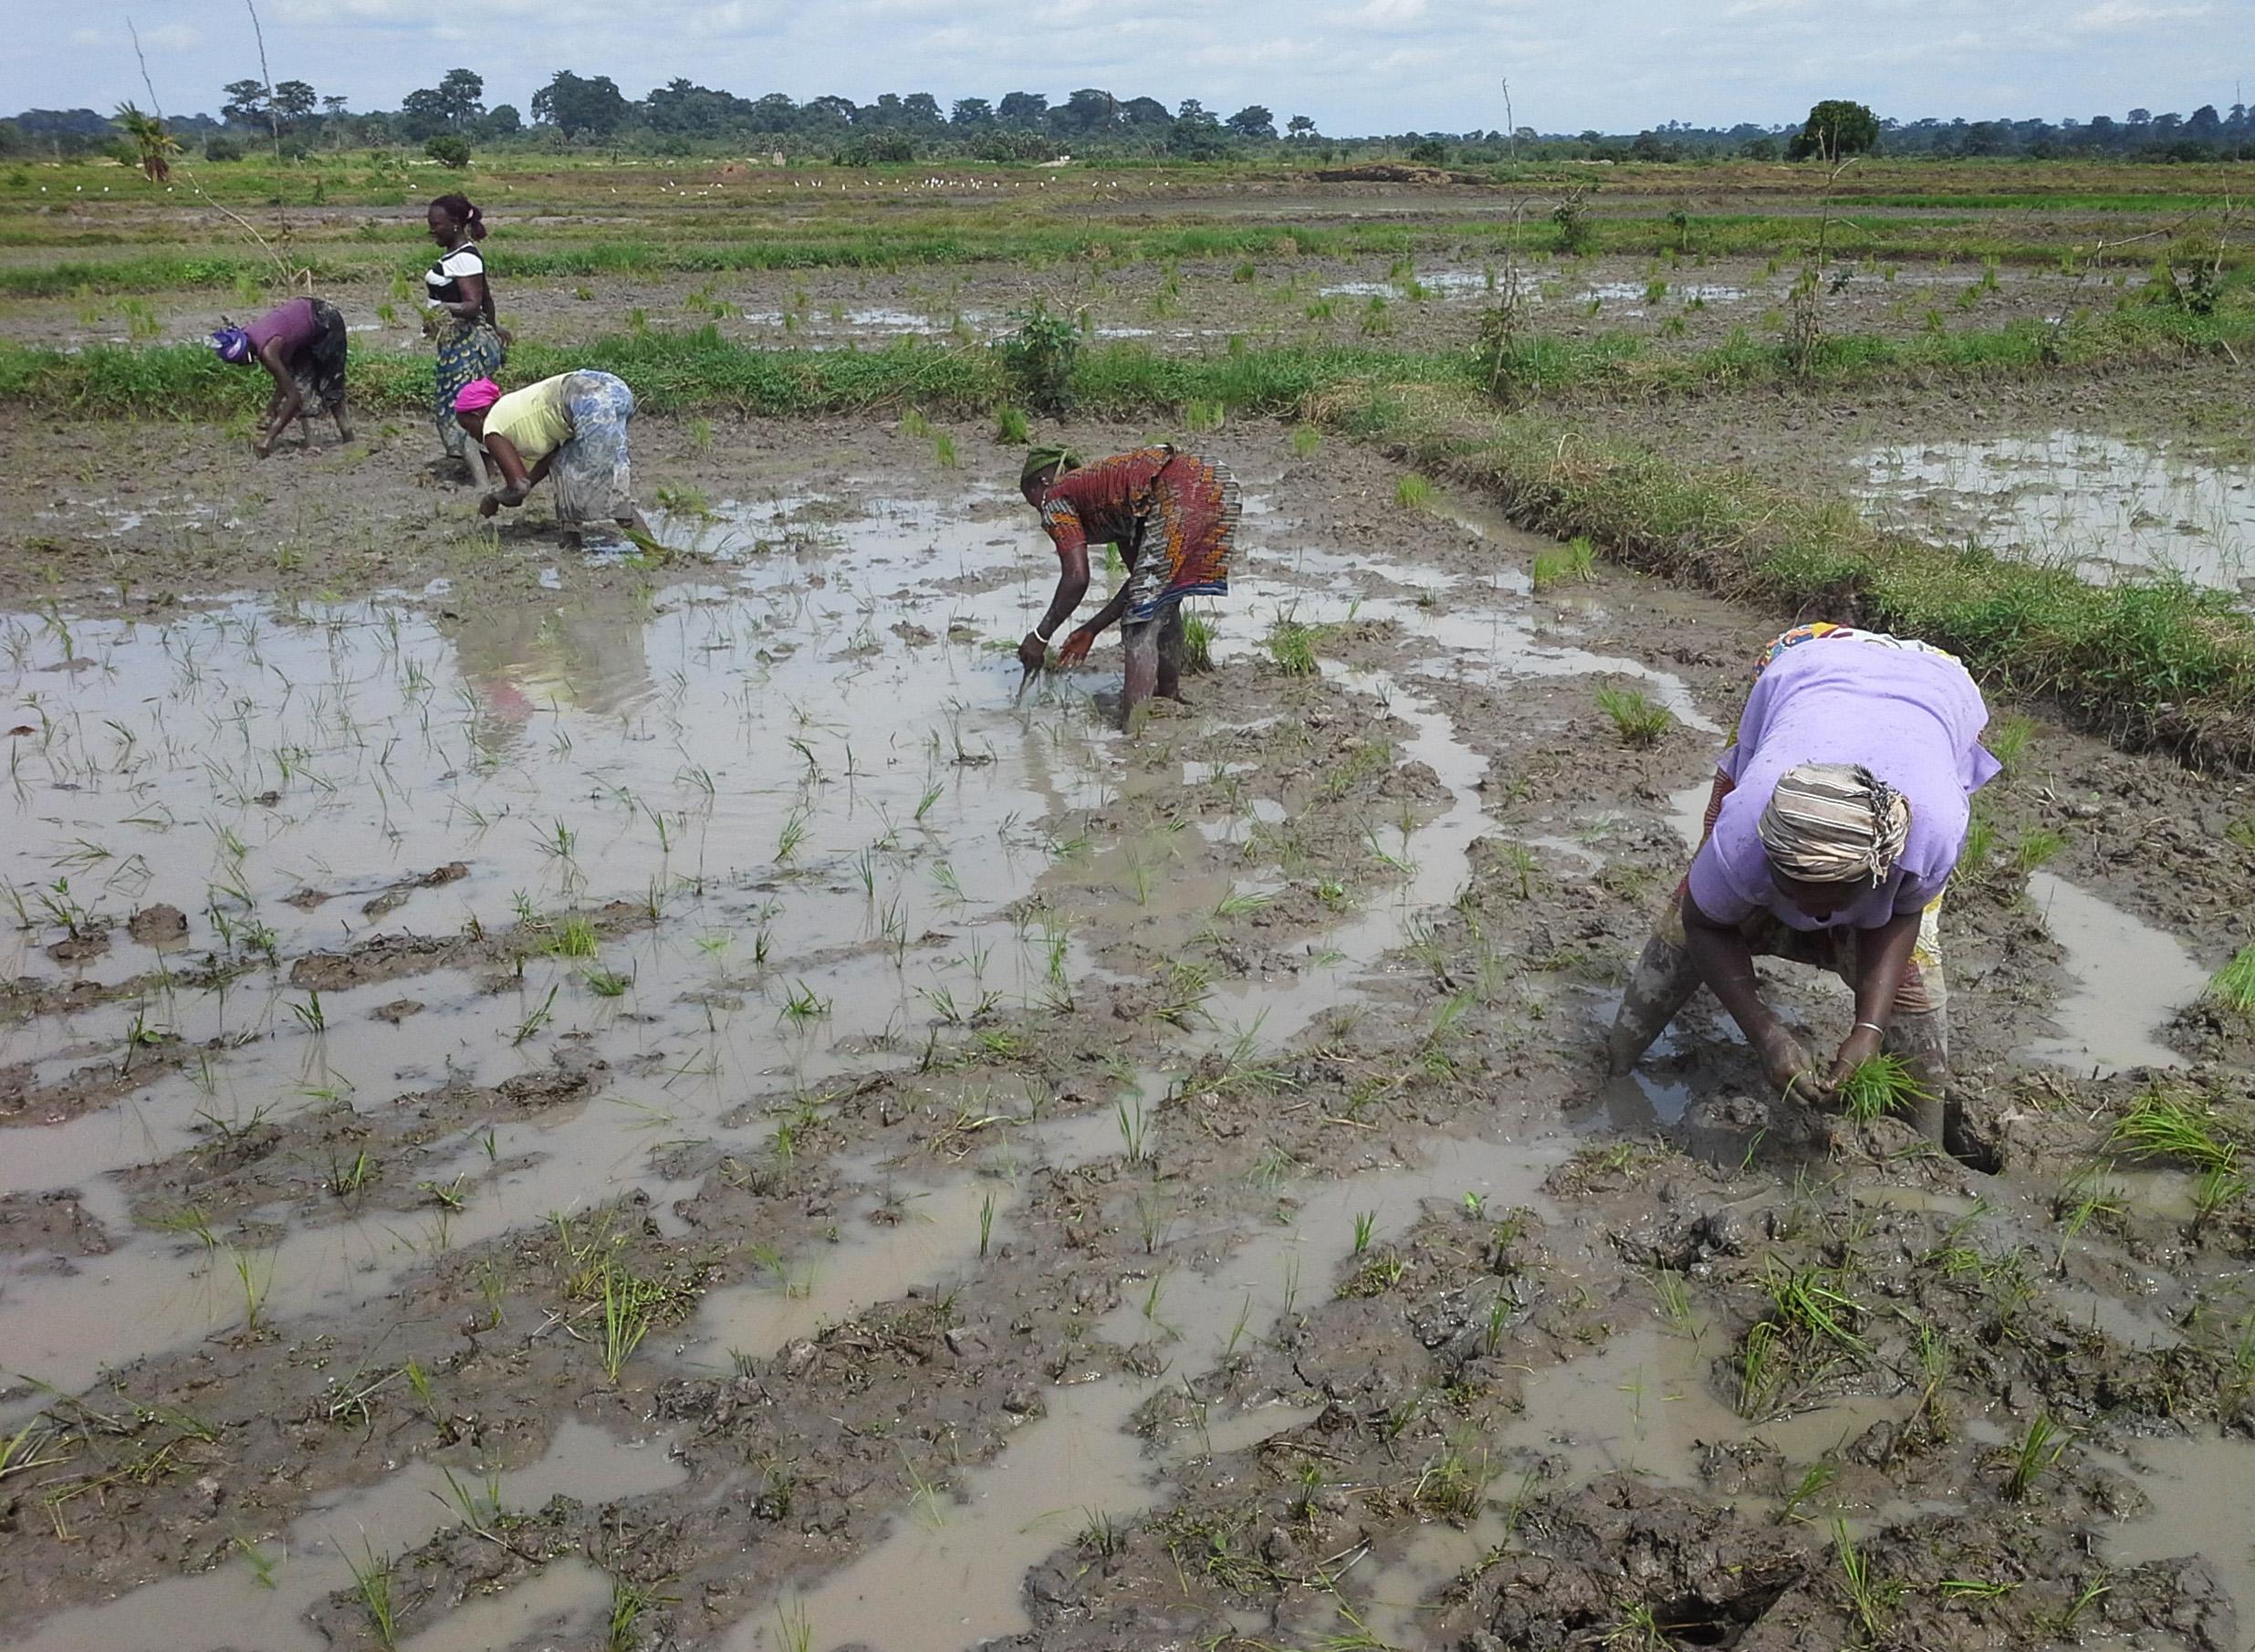 Des femmes travaillent dans une rizière dans le cadre d'un projet agricole dans la région épiscopale de Côte d'Ivoire. Le projet est soutenu par l'UMCOR et encouragé par l'évêque Benjamin Boni. Photo avec l'aimable autorisation de Yves Dirabou.